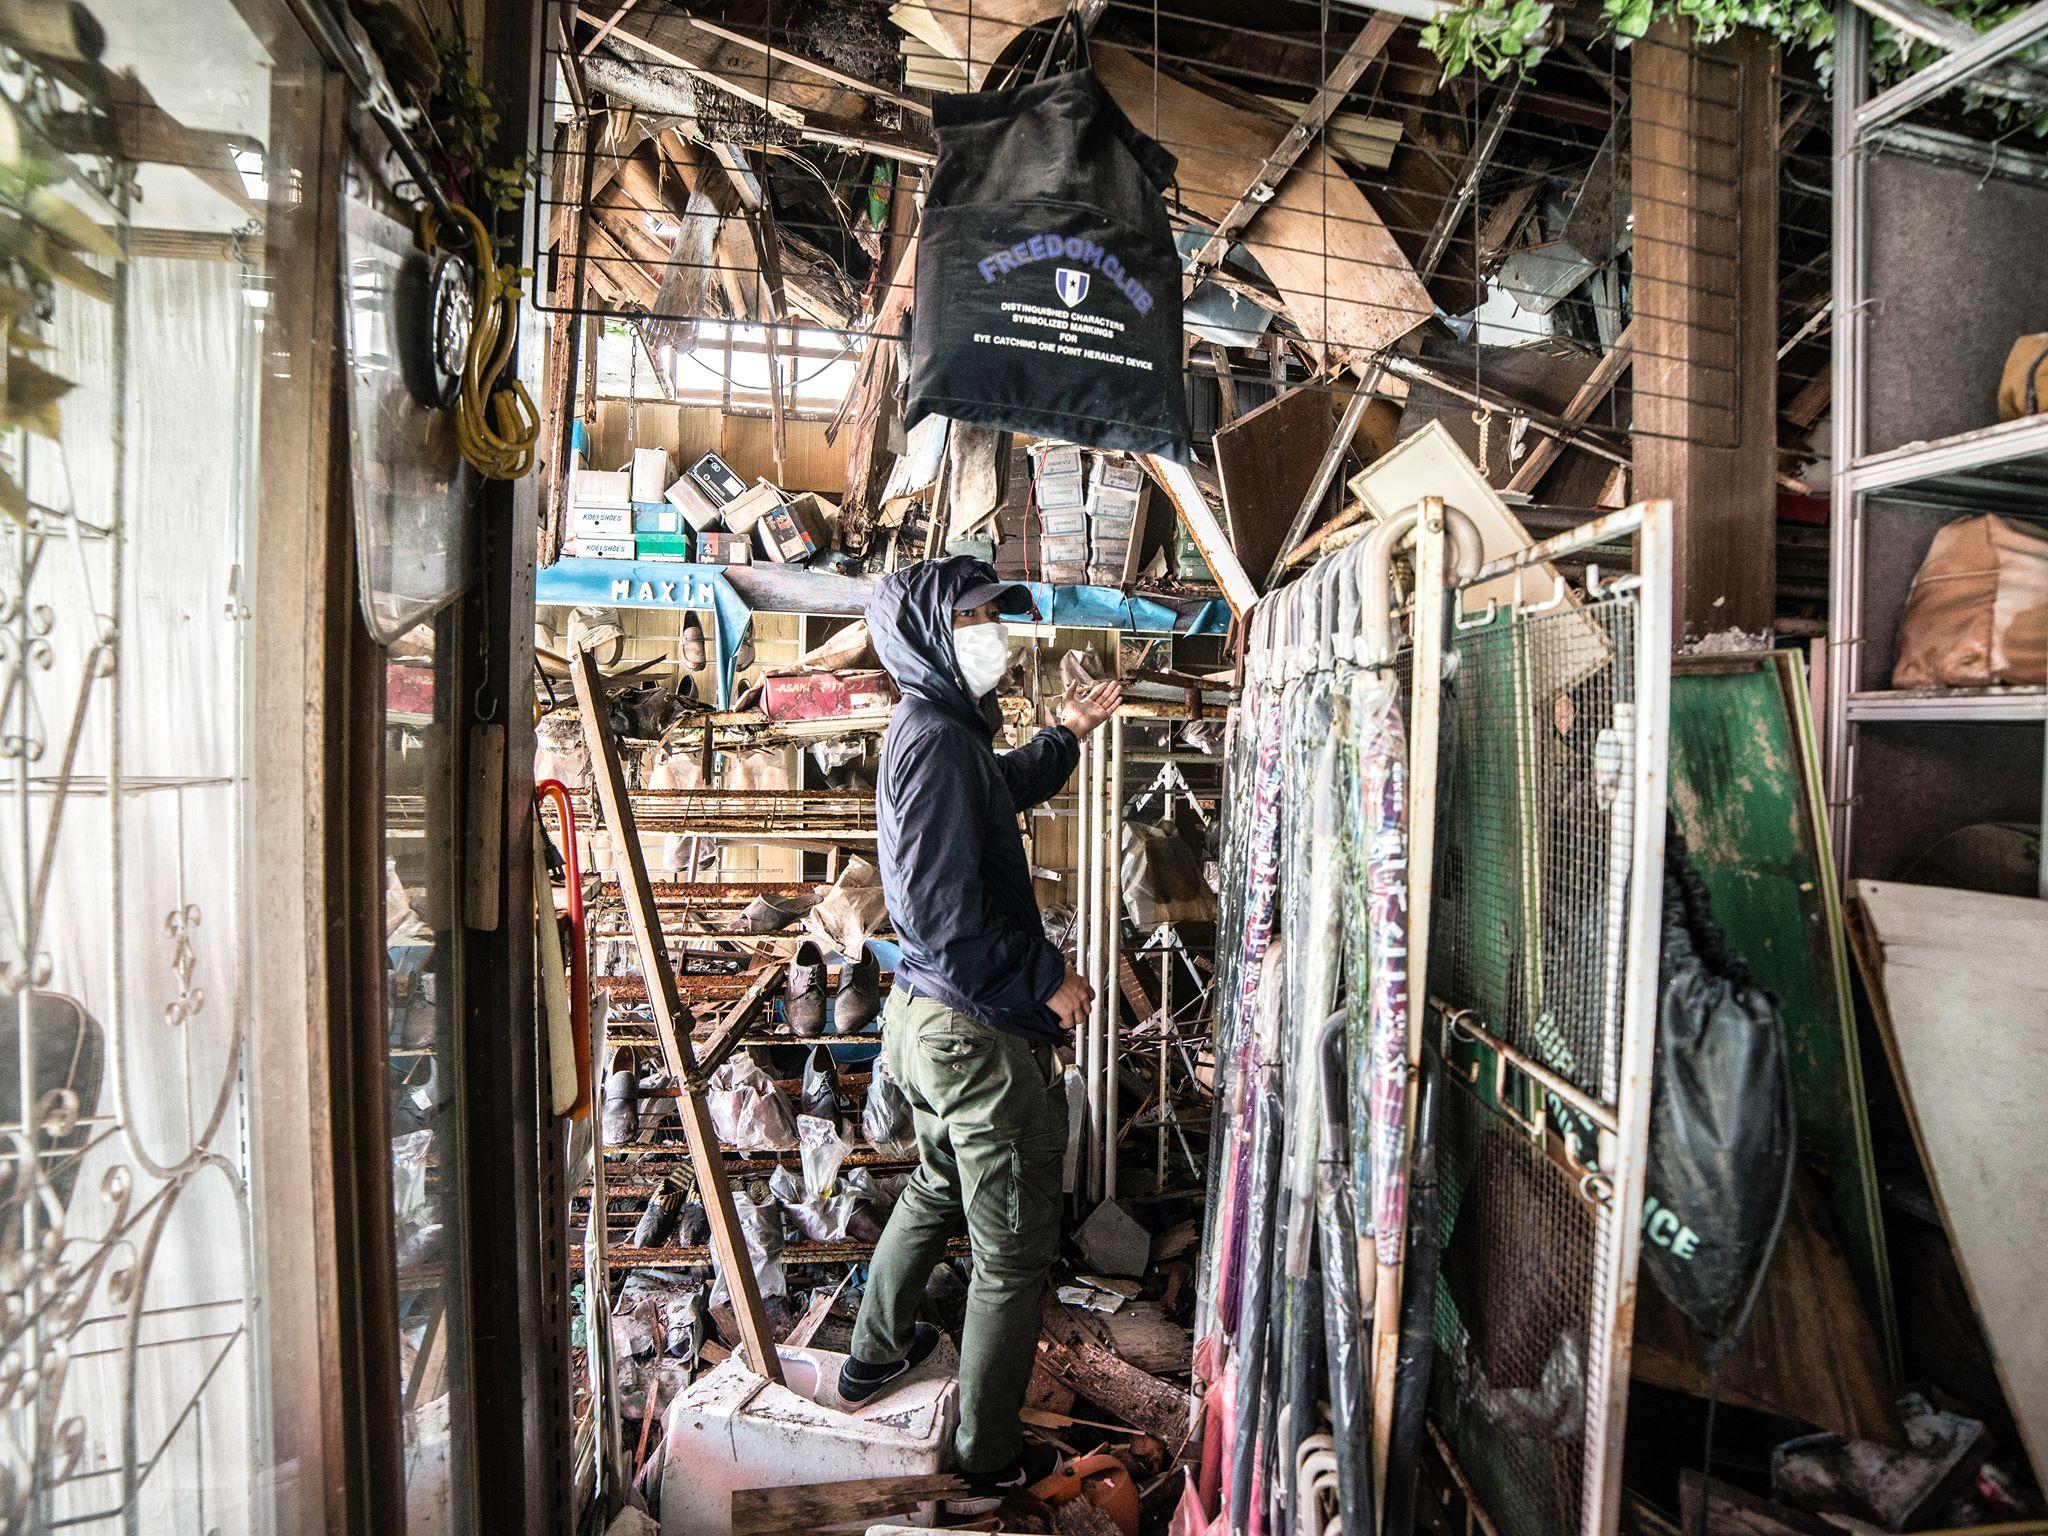 como es fukushima 5 años después del desastre 21